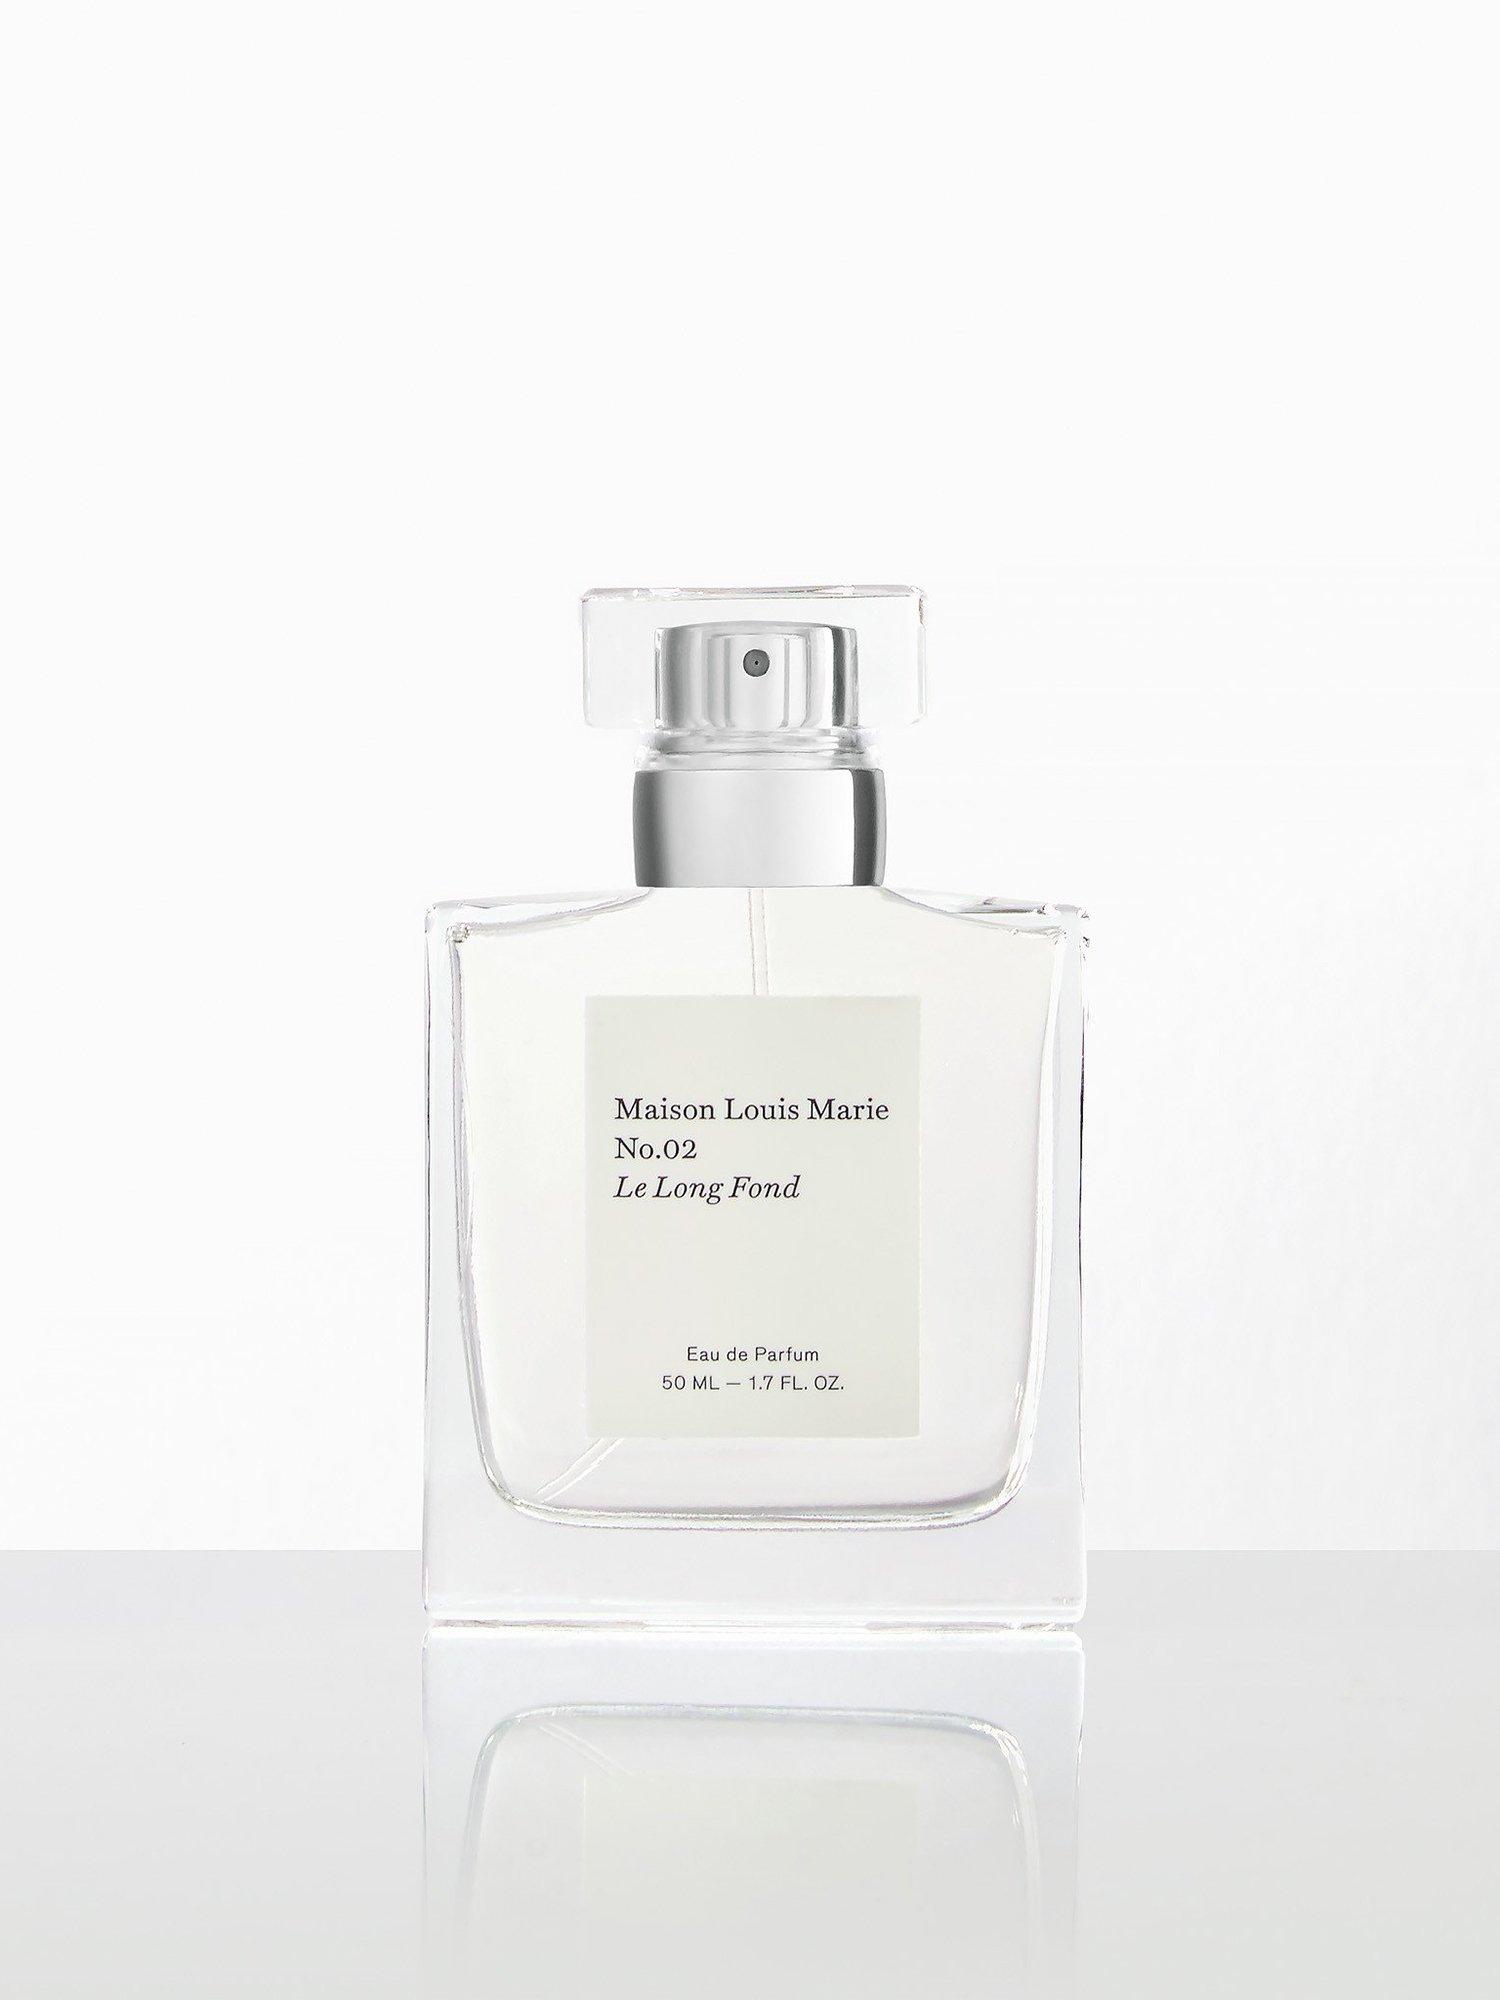 No. 2 Le Long Fond Eau de Parfum